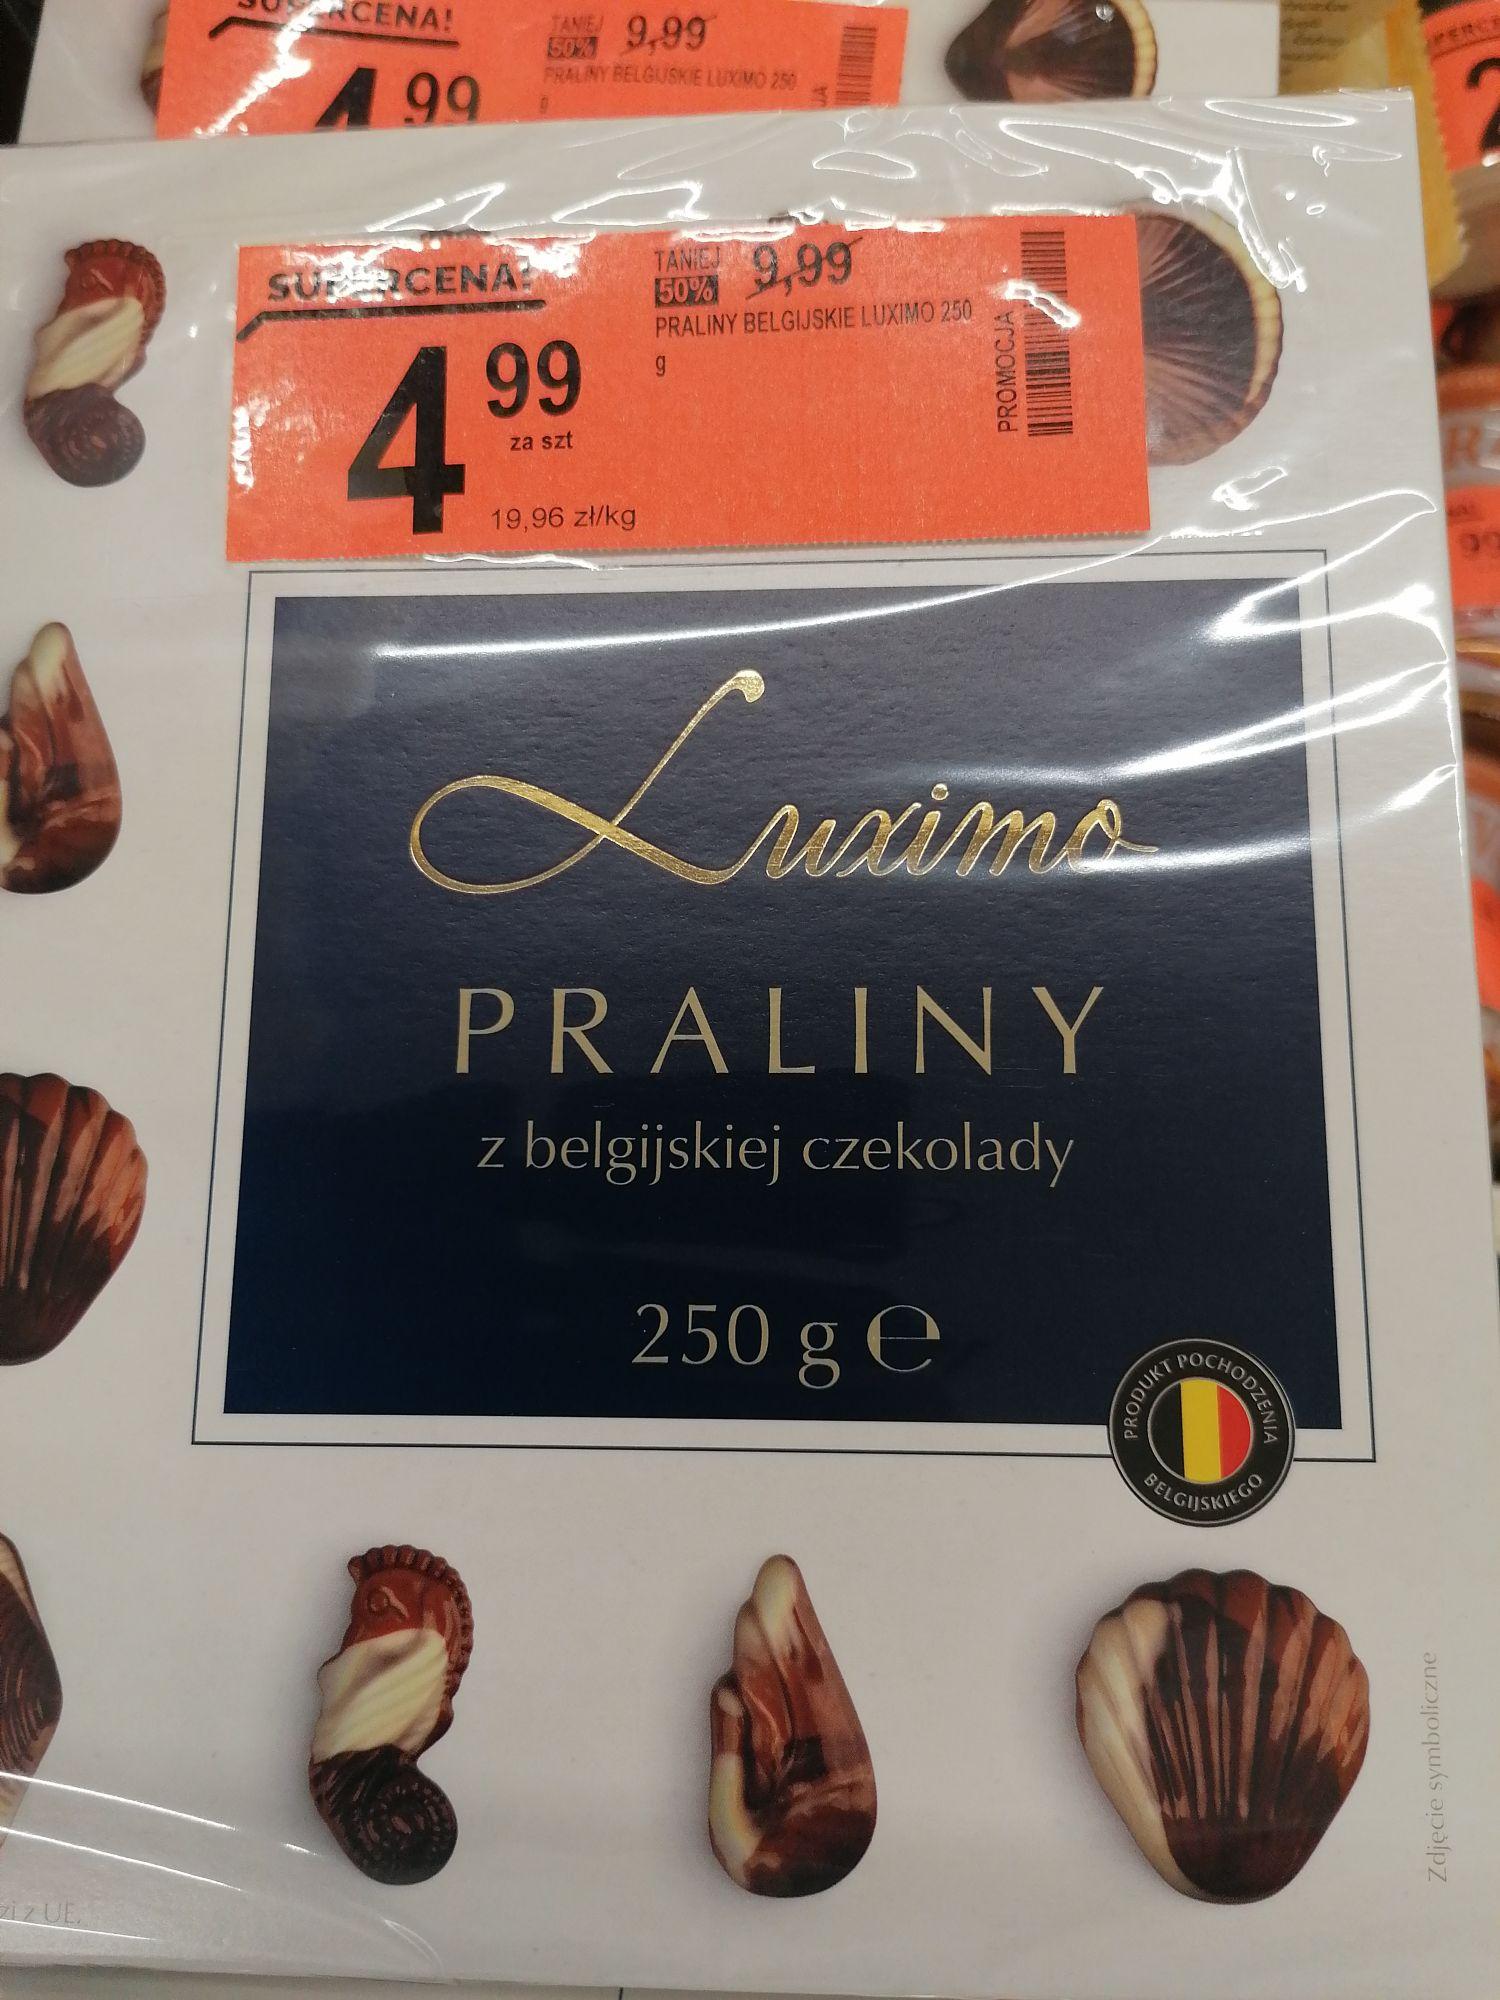 Biedronka. Praliny z czekolady belgijskiej